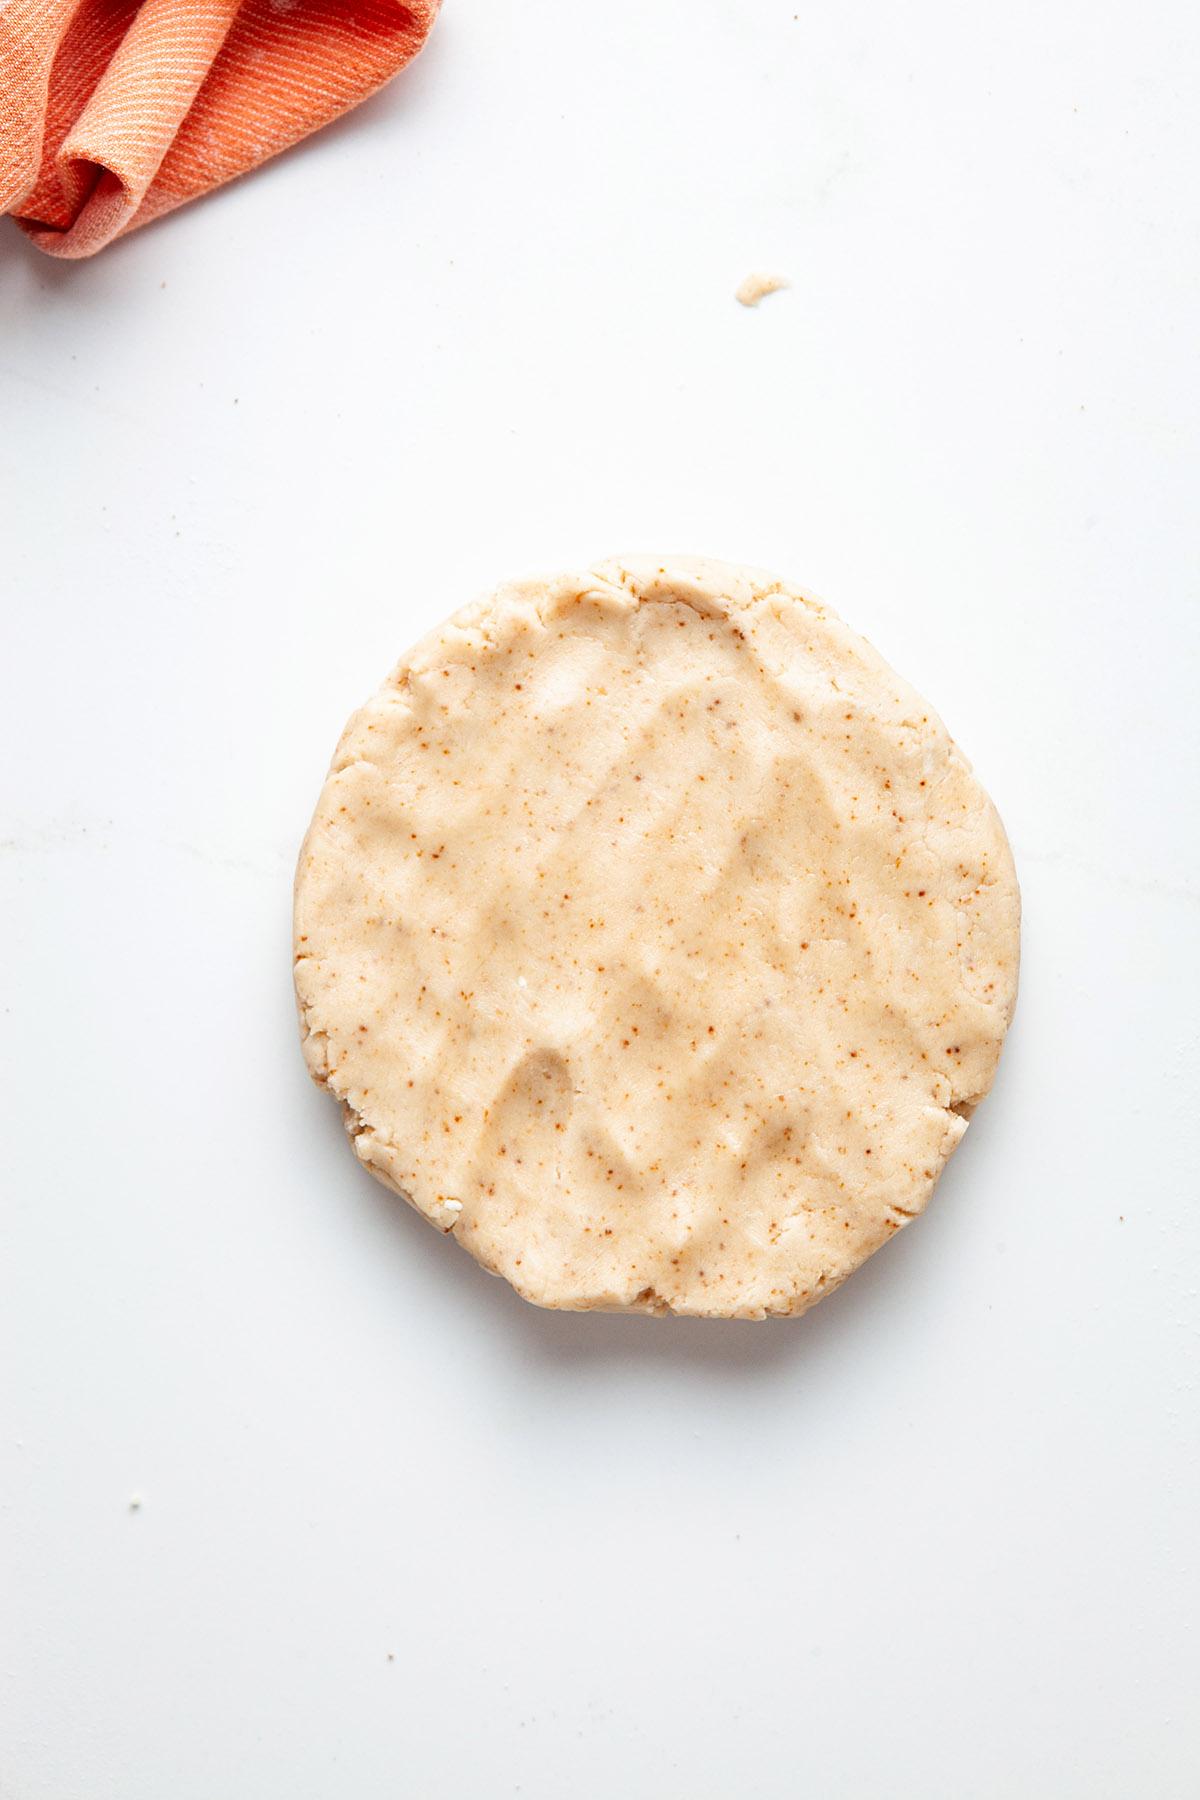 Coconut oil pie dough in a disc.